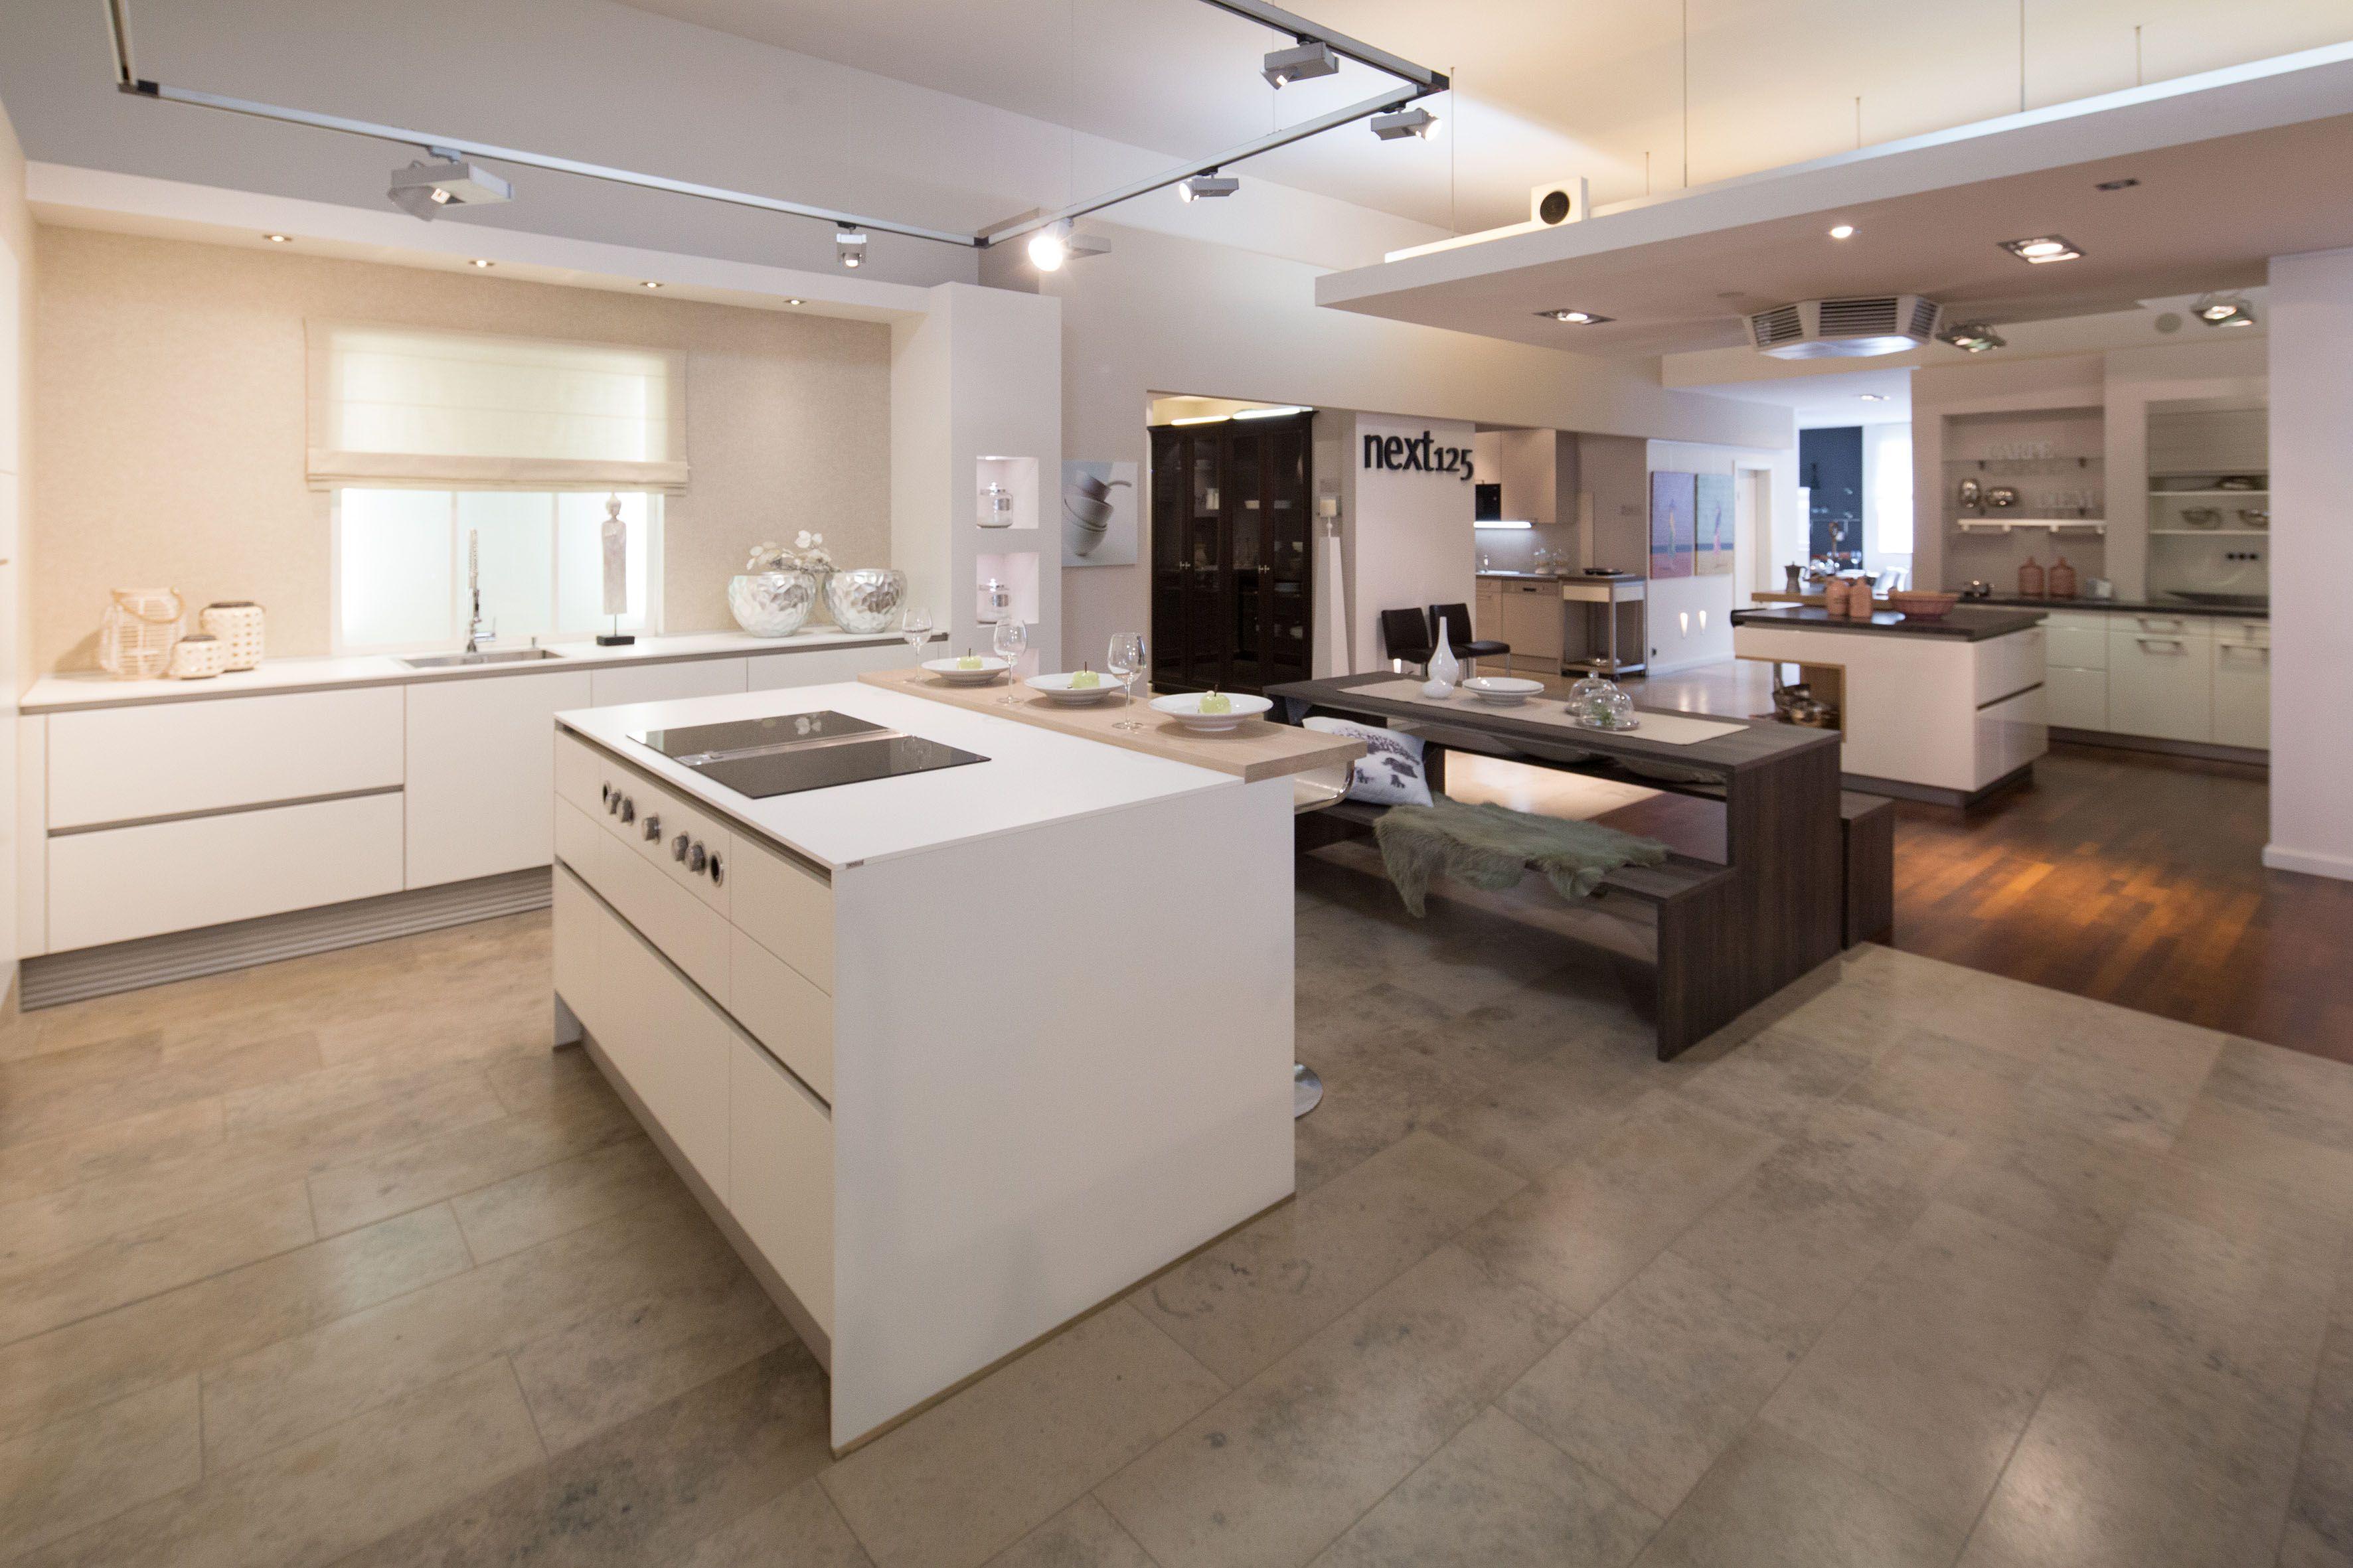 Groß Küchenarbeitsplatte Lieferanten Nord London Fotos ...